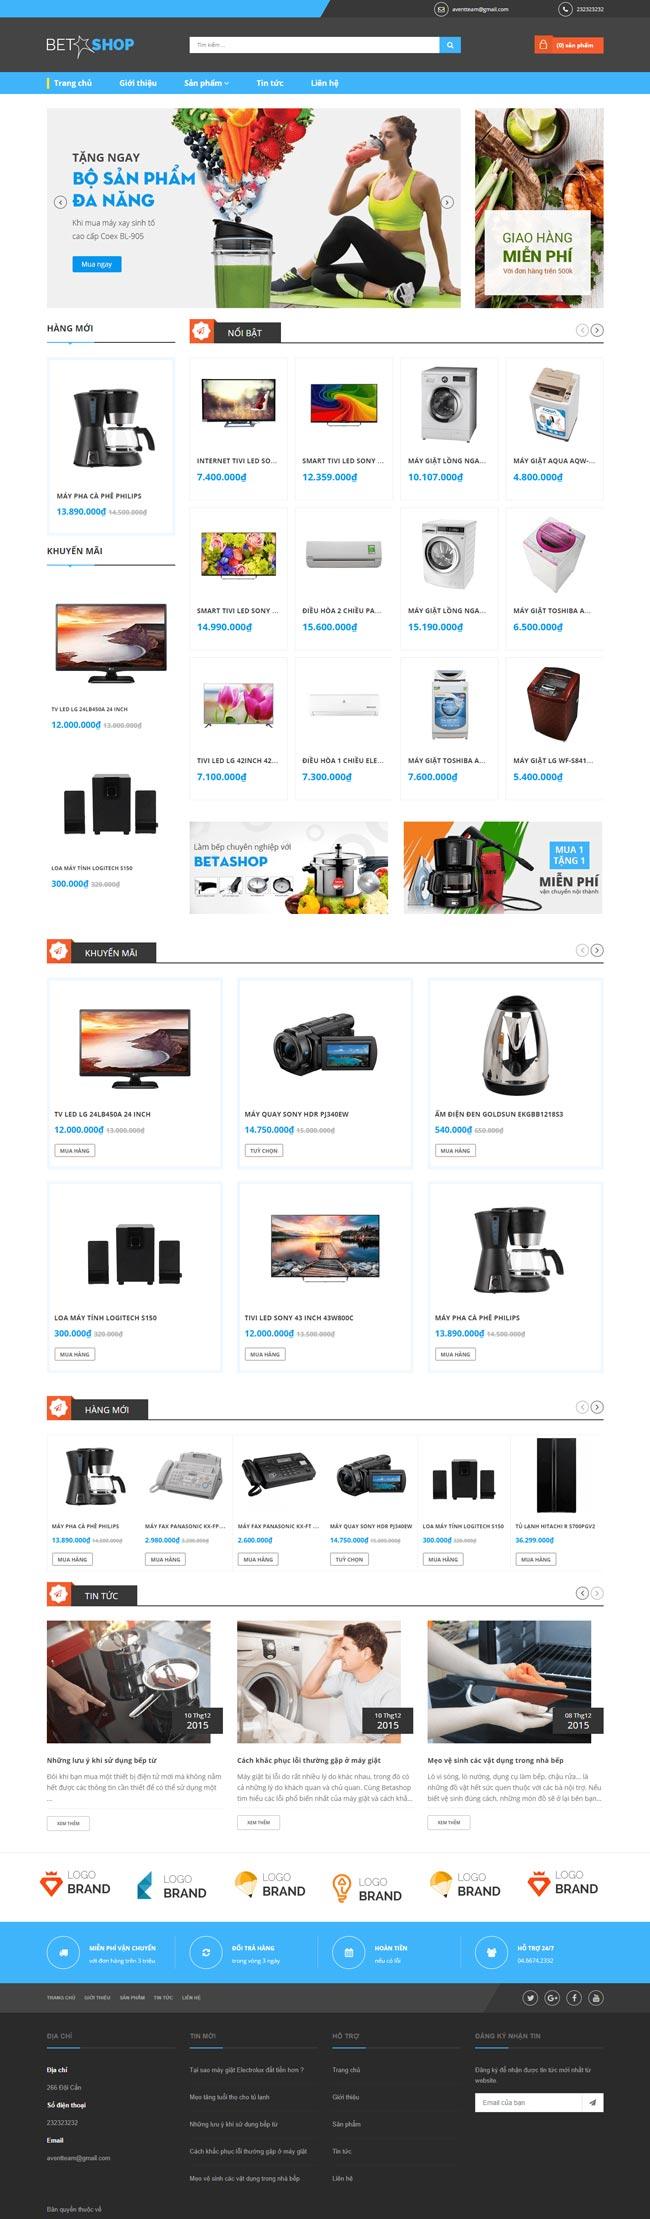 web bán thiết bị điện tử, điện lạnh